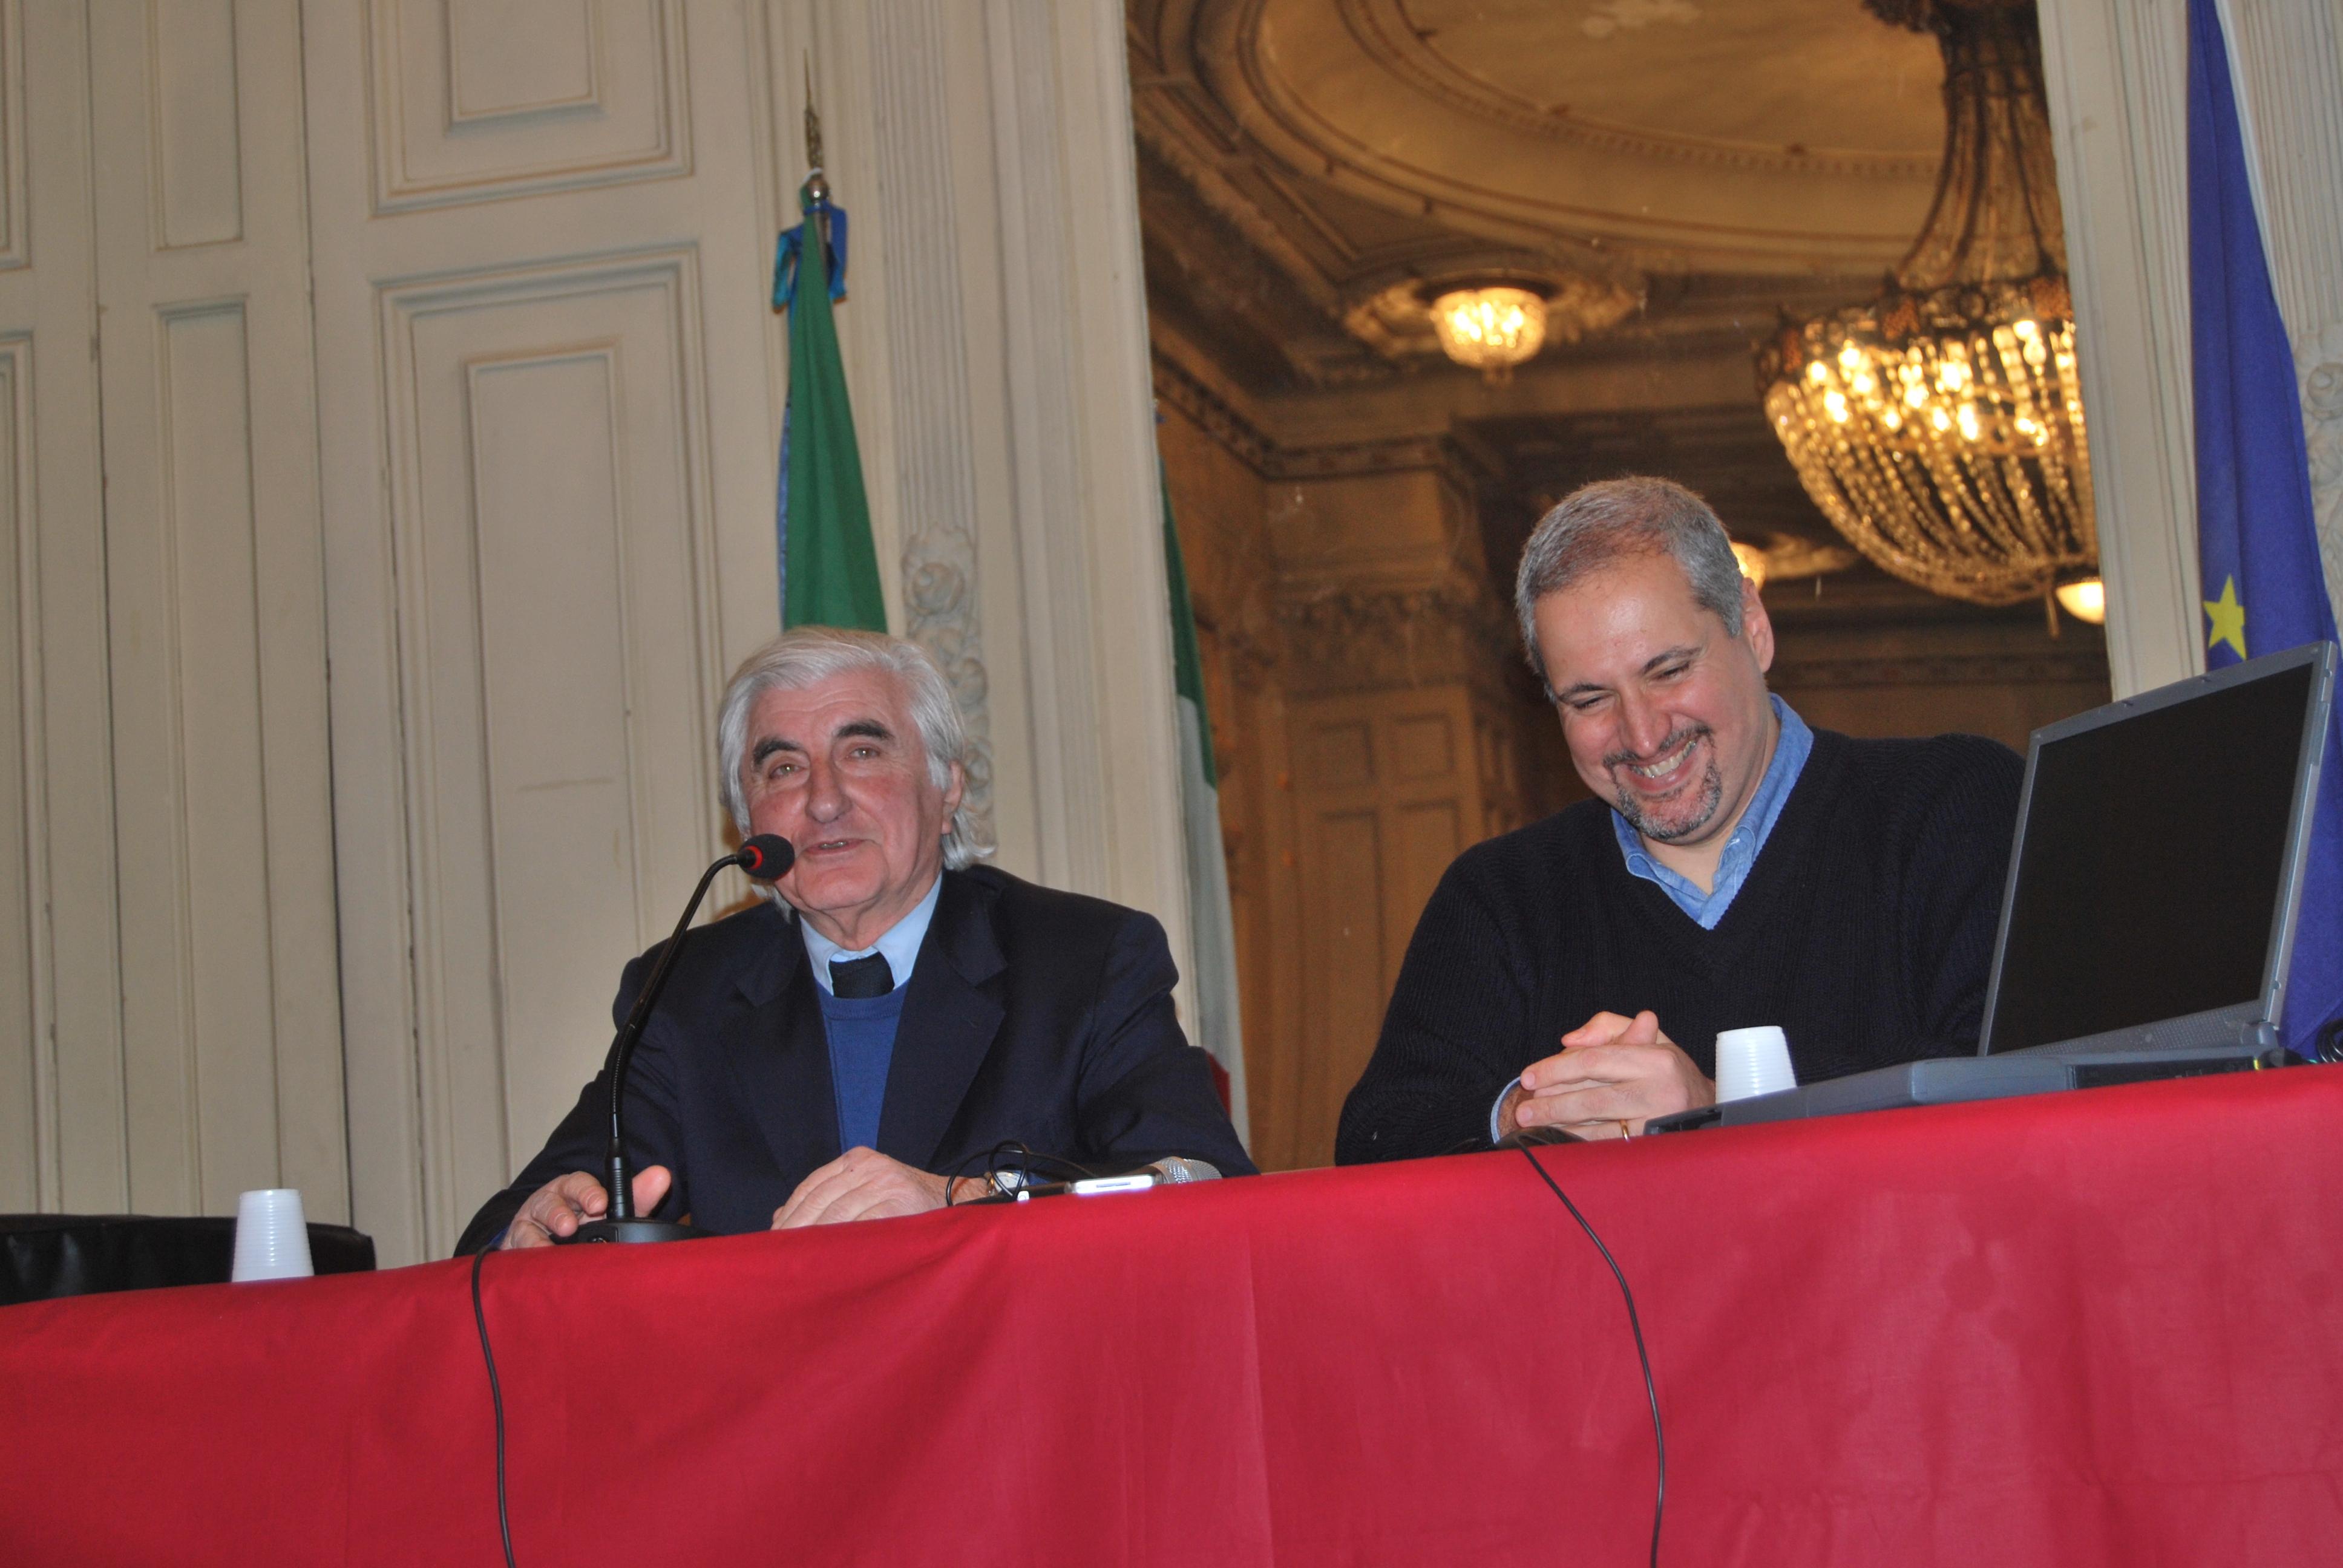 Circolo artistico politecnico, intervista del presidente Adriano Gaito